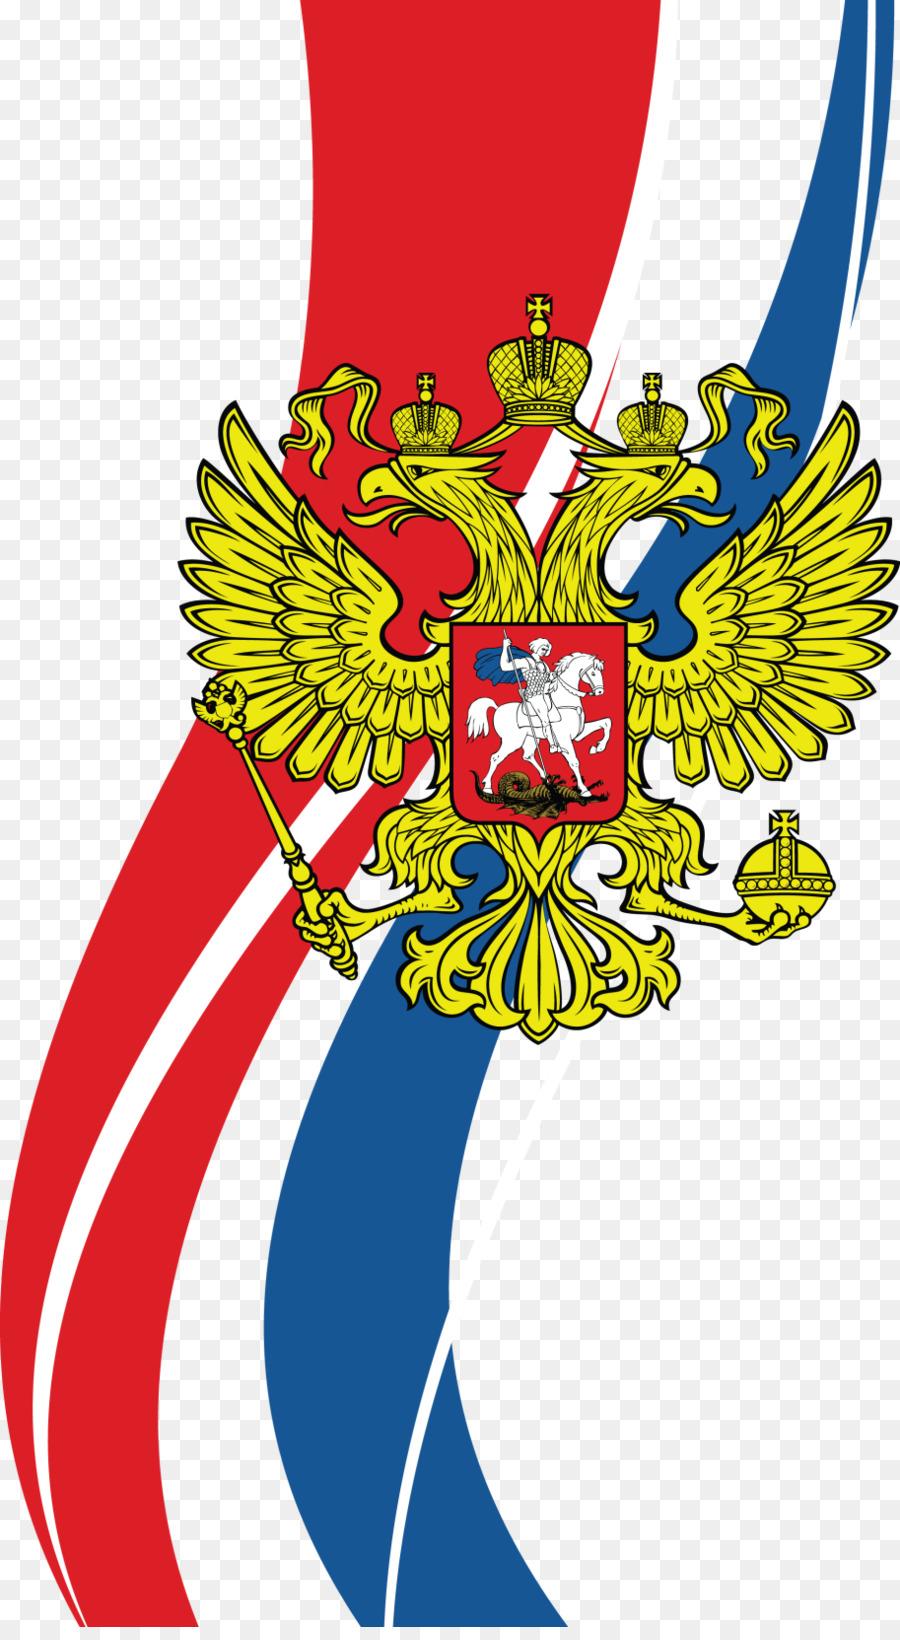 Все классно, открытки символика россии